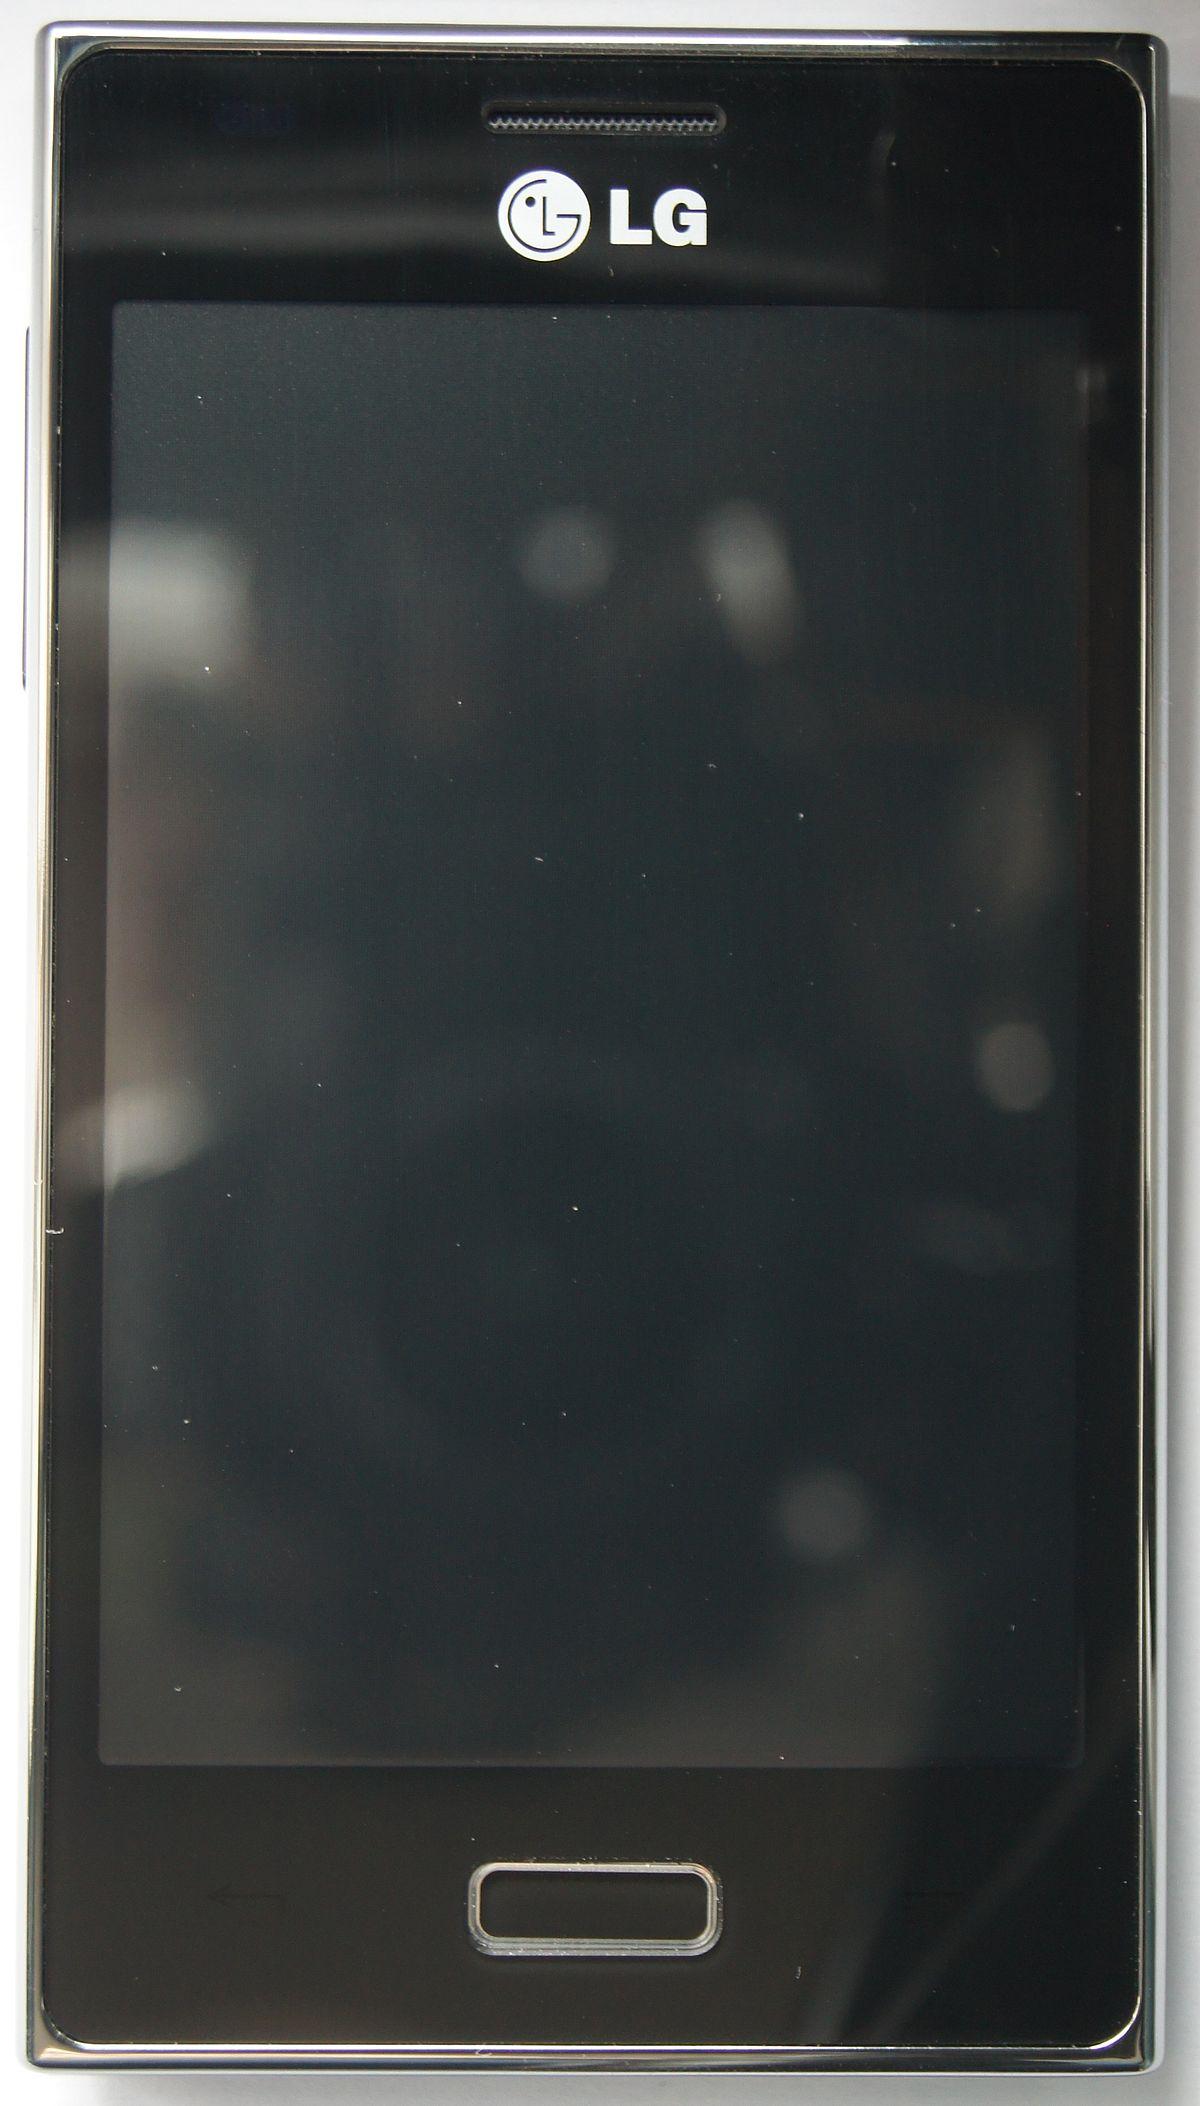 LG Optimus L5 - Wikipedia